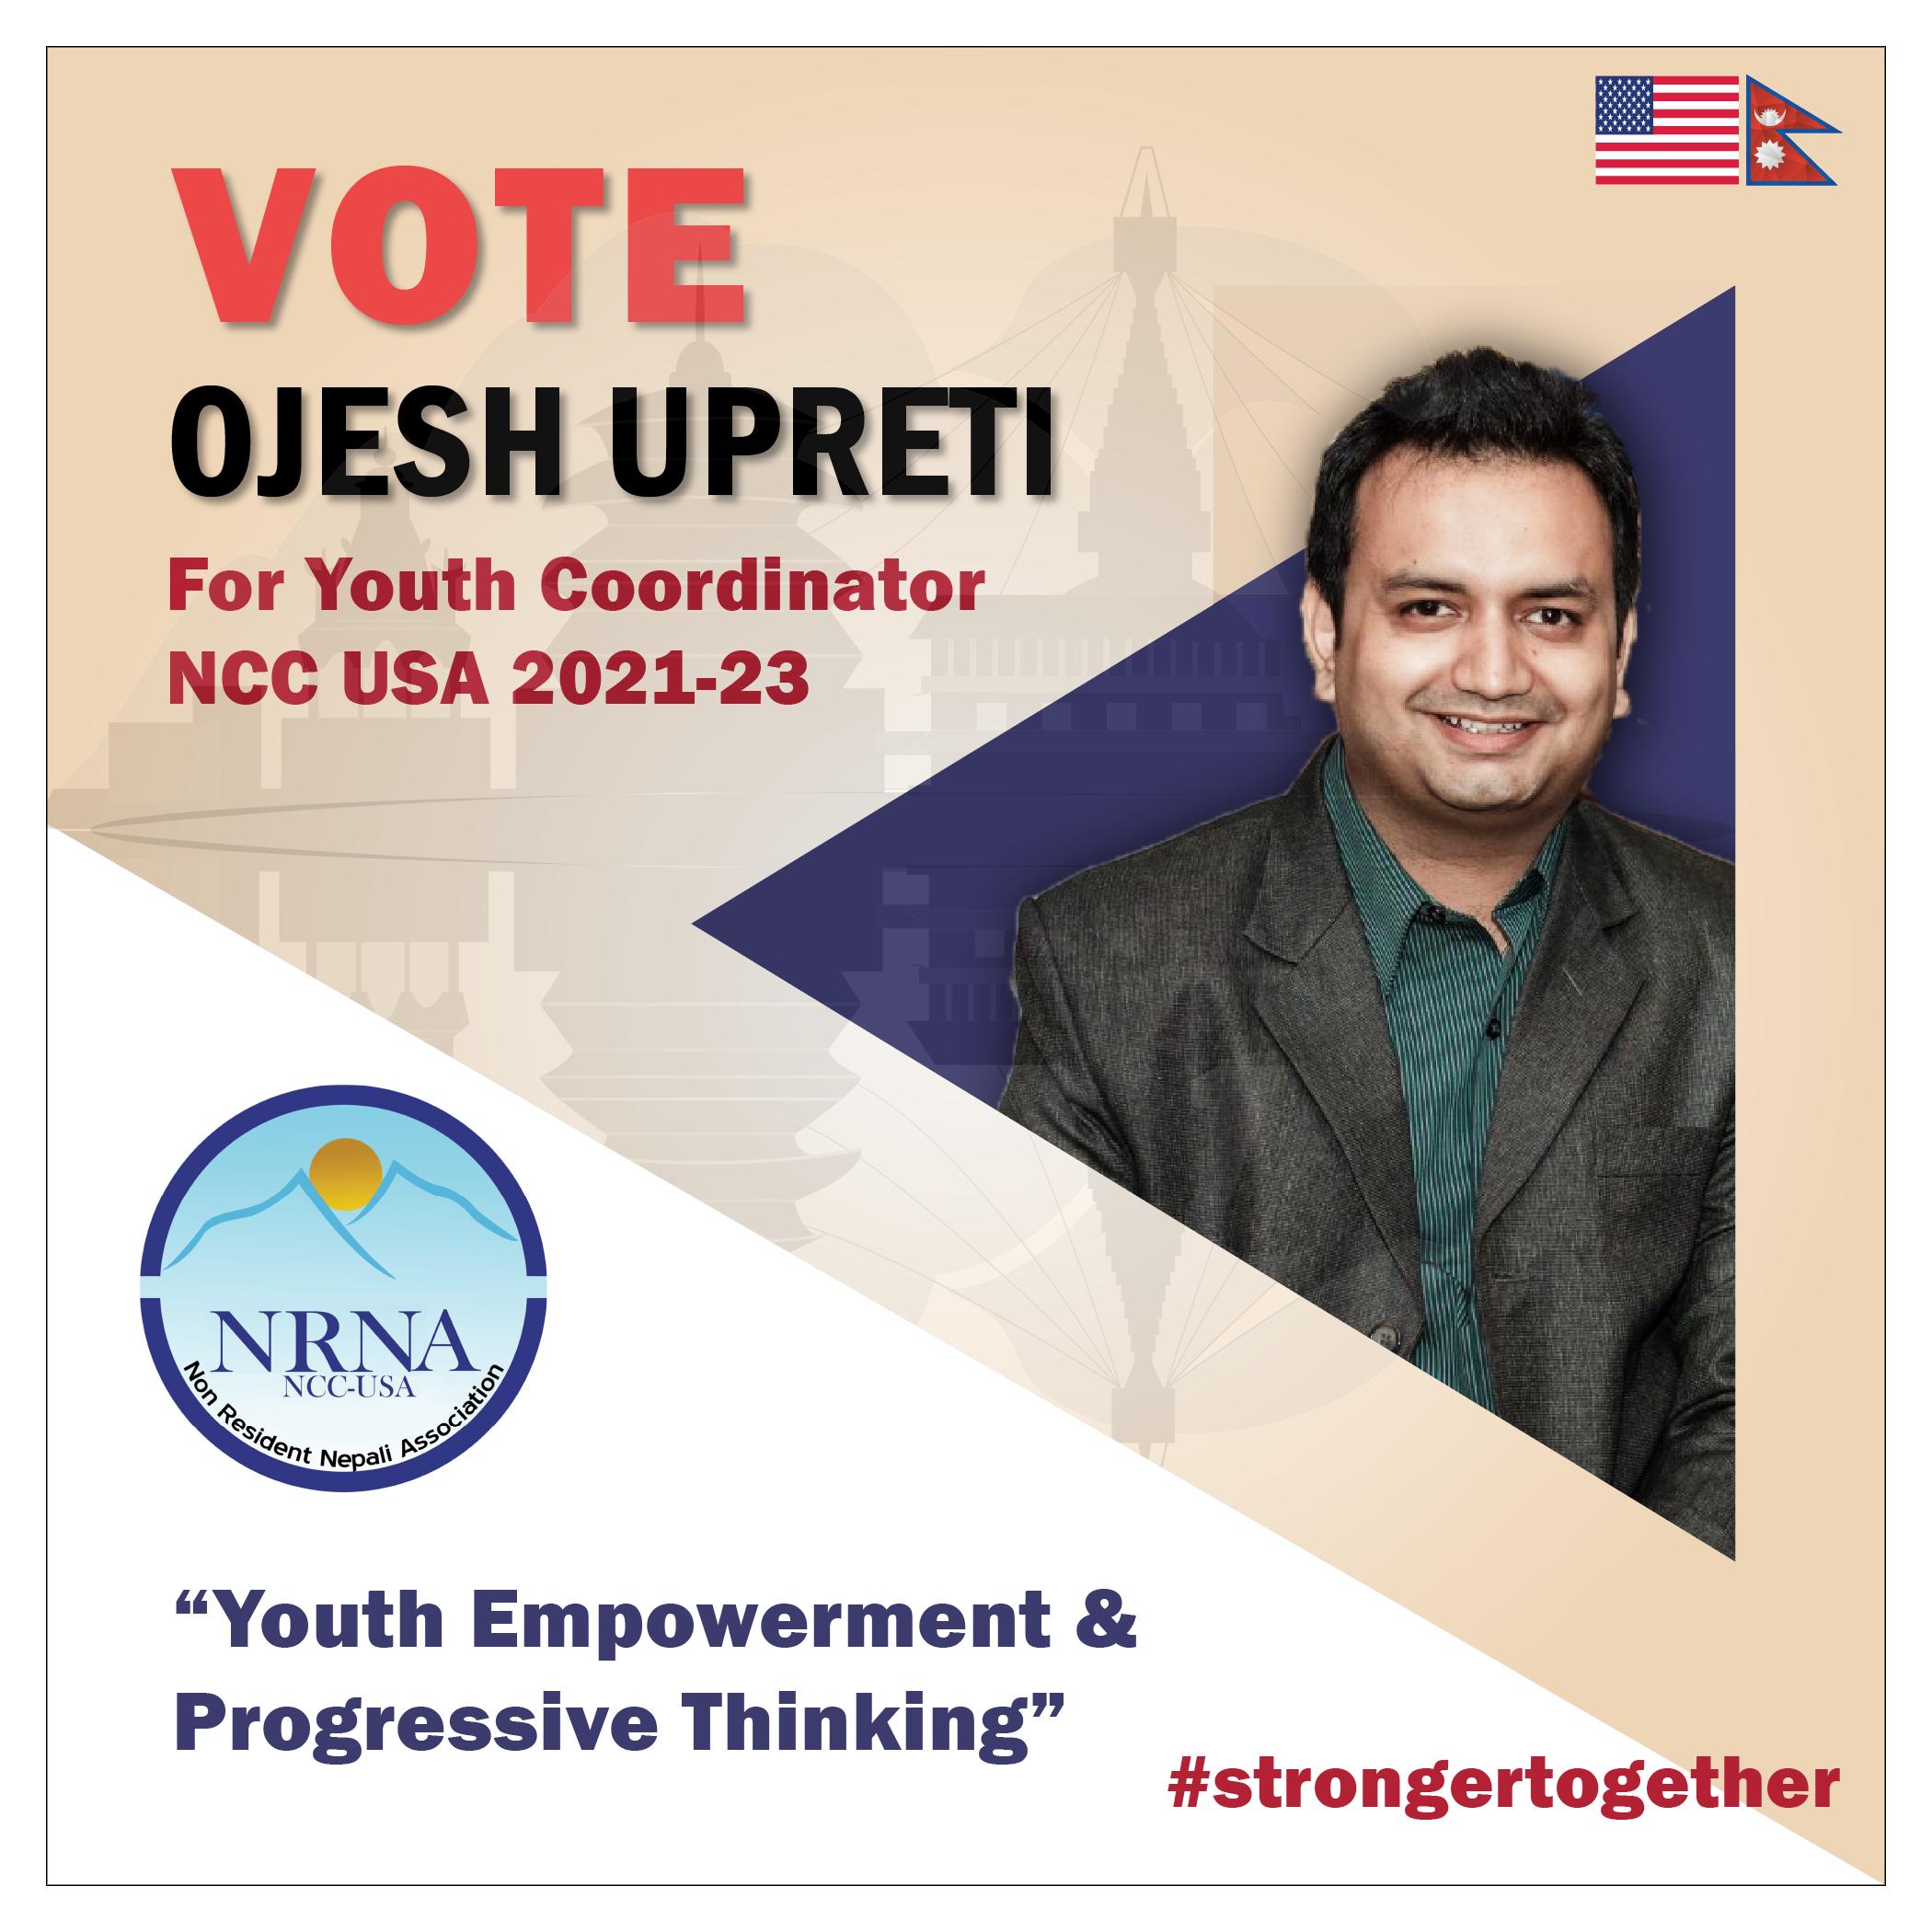 ओजेश उप्रेतीद्दारा एनआरएनए अमेरिकाको युवा संयोजक पदमा उम्मेद्वारी